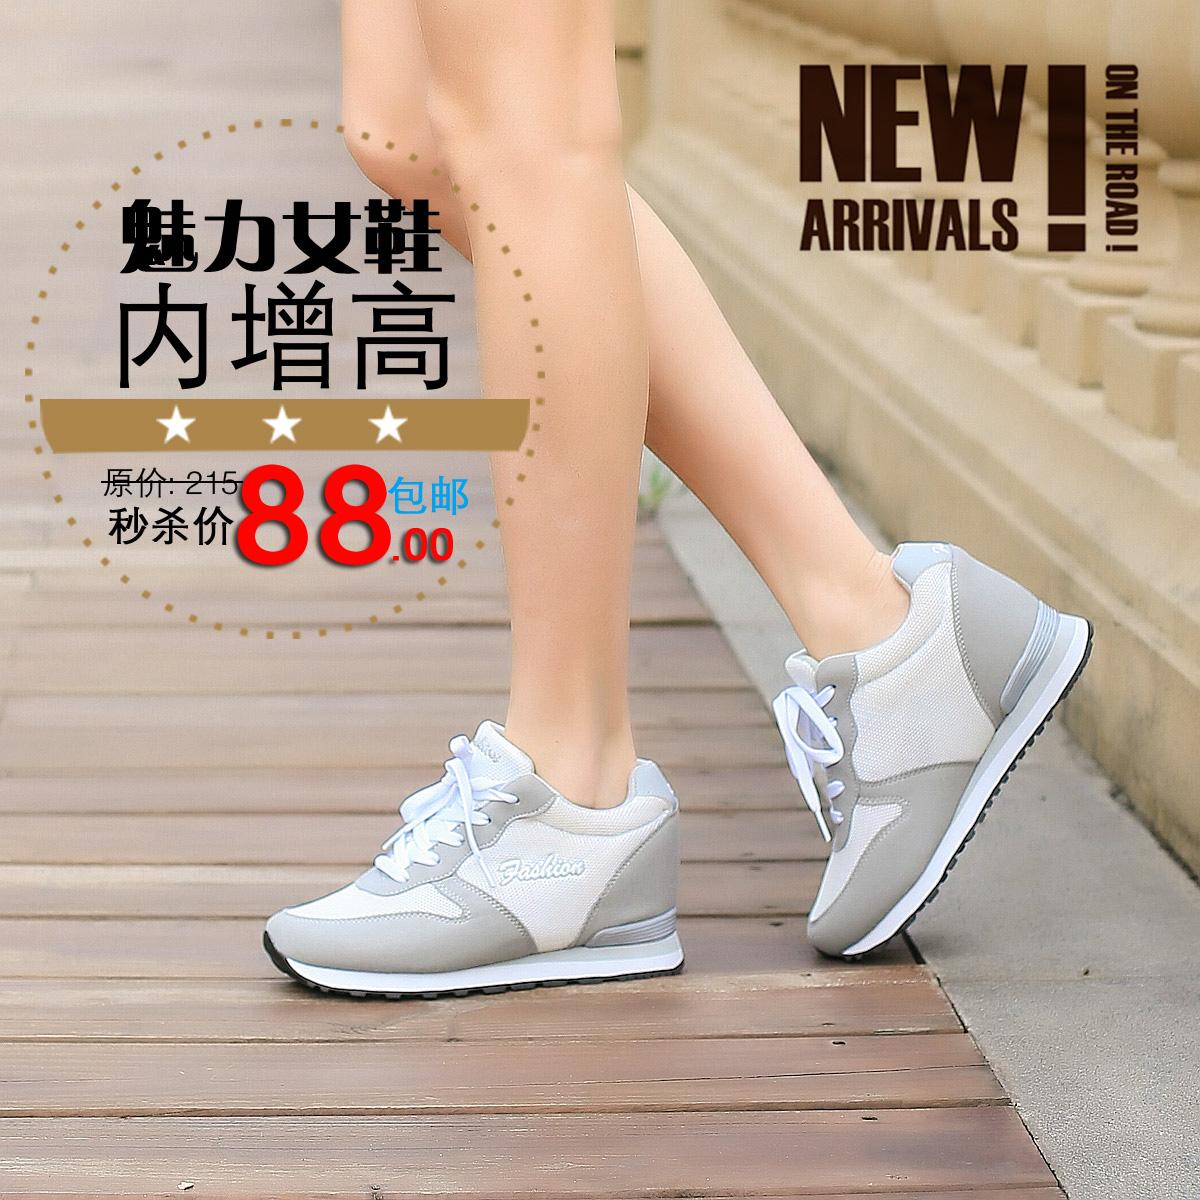 隐形内增高女鞋网布透气秋季休闲鞋运动旅游鞋平底帆布系带正品鞋